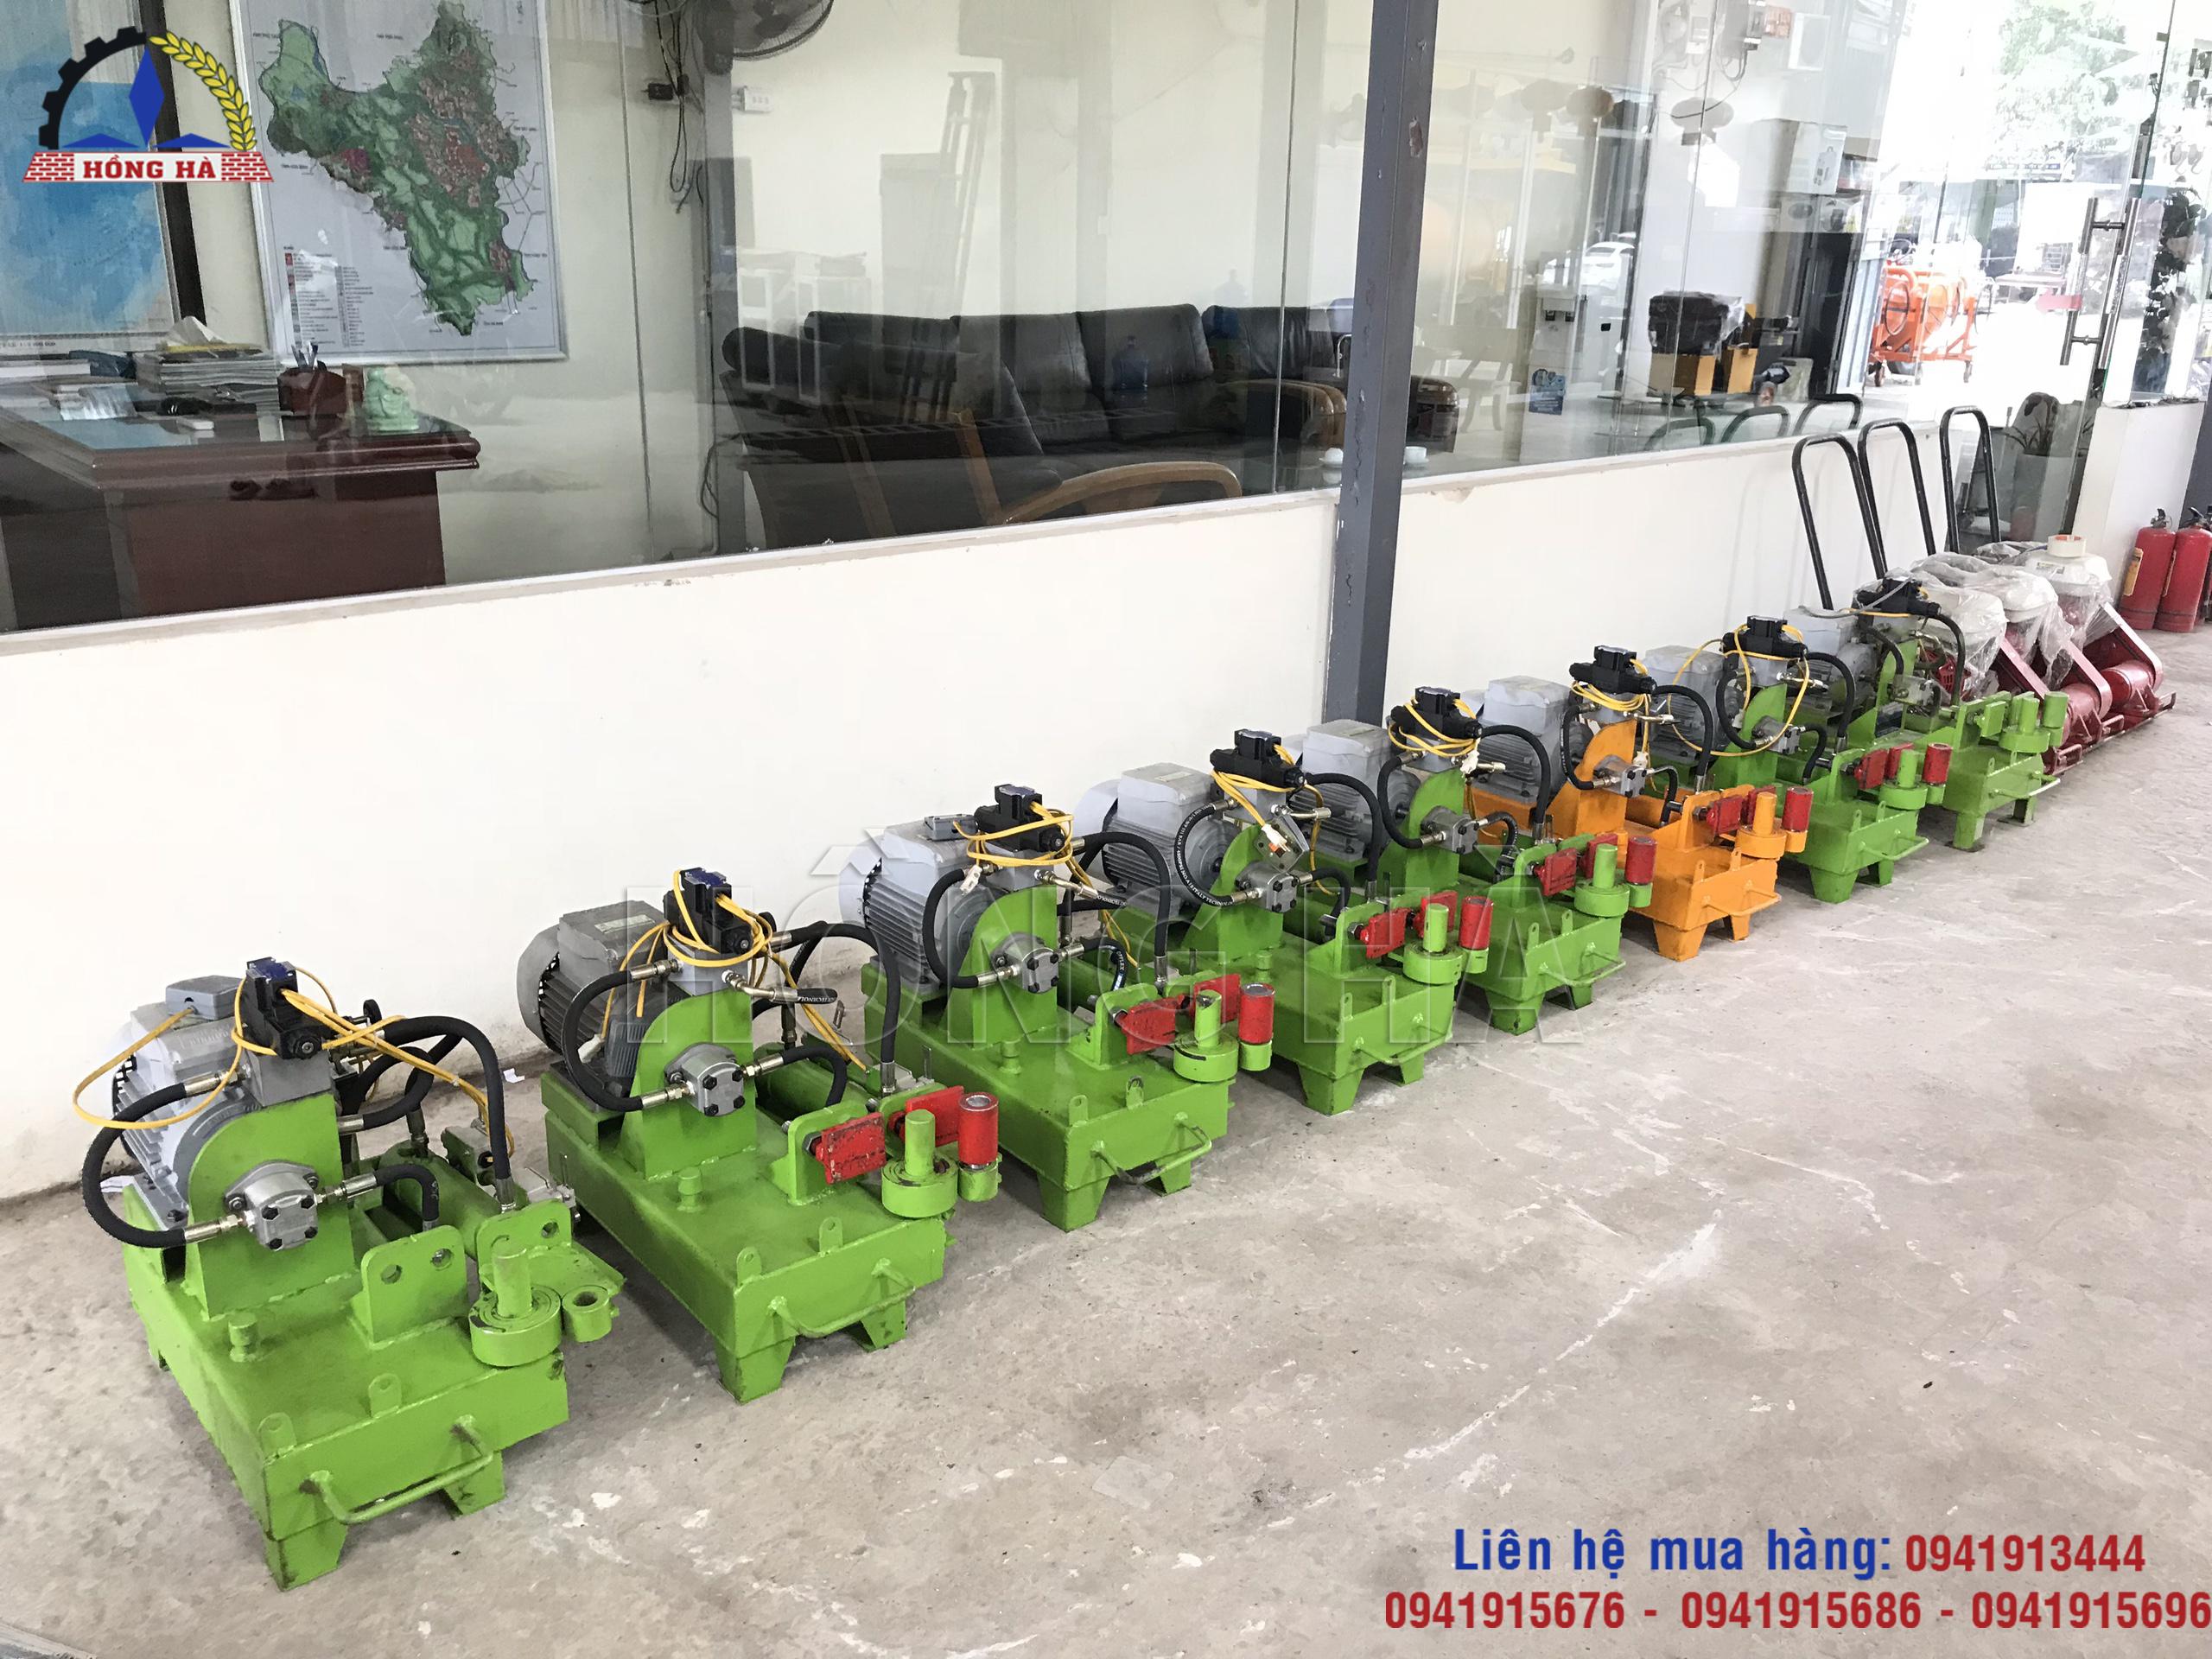 4 Mua máy bẻ đai thủy lực tại Hồng Hà